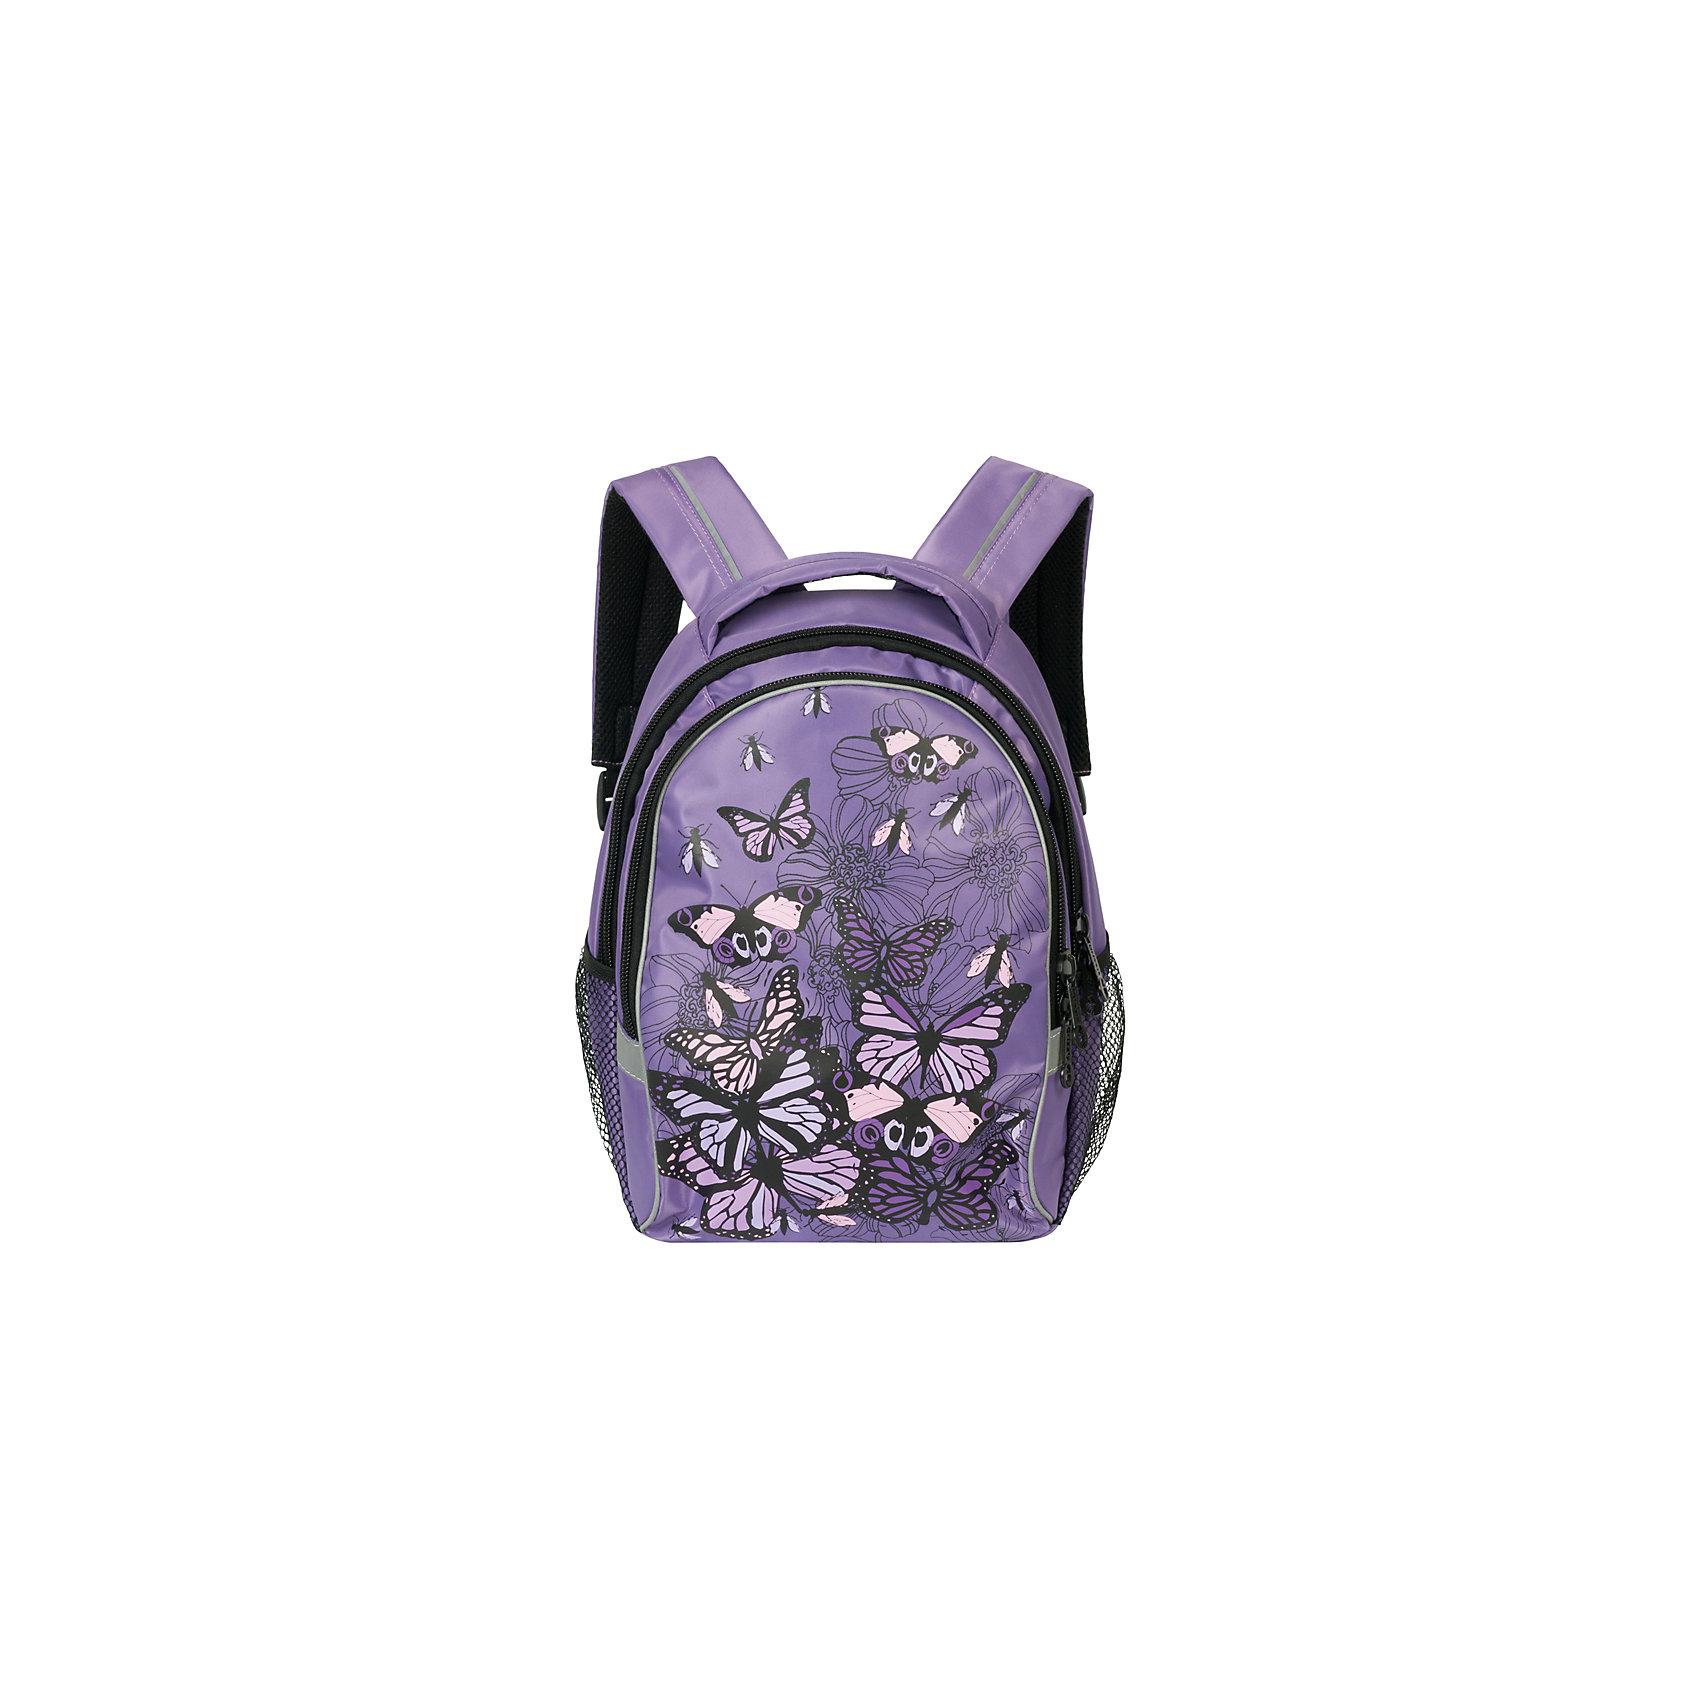 Рюкзак школьный GrizzlyАксессуары<br>Яркий школьный рюкзак для девочки  с двумя объемными отделениями и пеналом-органайзером для канцелярии на лицевой стороне украшен изображениями бабочек.<br><br>Дополнительная информация:<br><br>два отделения, <br>боковые карманы из сетки, <br>внутренний карман-пенал для карандашей, <br>жесткая ортопедическая спинка, <br>мягкая укрепленная ручка, <br>укрепленные регулируемые лямки, <br>светоотражающие элементы с четырех сторон<br>вес: 670 г<br>размер: 28х41х20см<br><br>Рюкзак школьный, лаванда можно купить в нашем магазине.<br><br>Ширина мм: 280<br>Глубина мм: 190<br>Высота мм: 380<br>Вес г: 665<br>Возраст от месяцев: 72<br>Возраст до месяцев: 120<br>Пол: Женский<br>Возраст: Детский<br>SKU: 4632776